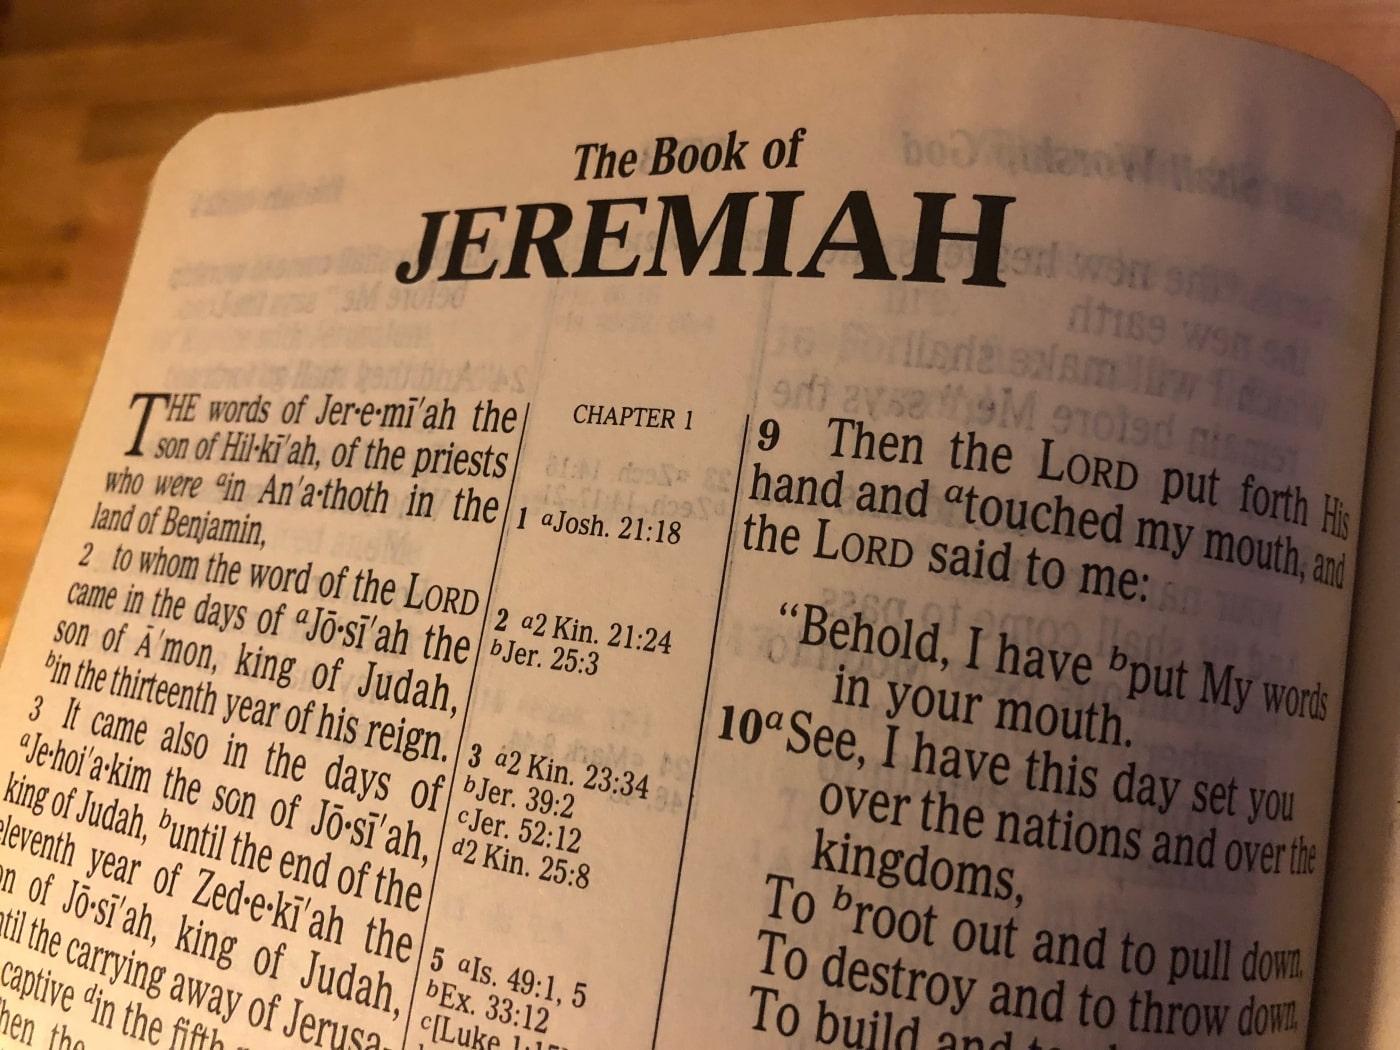 Jeremiah 15